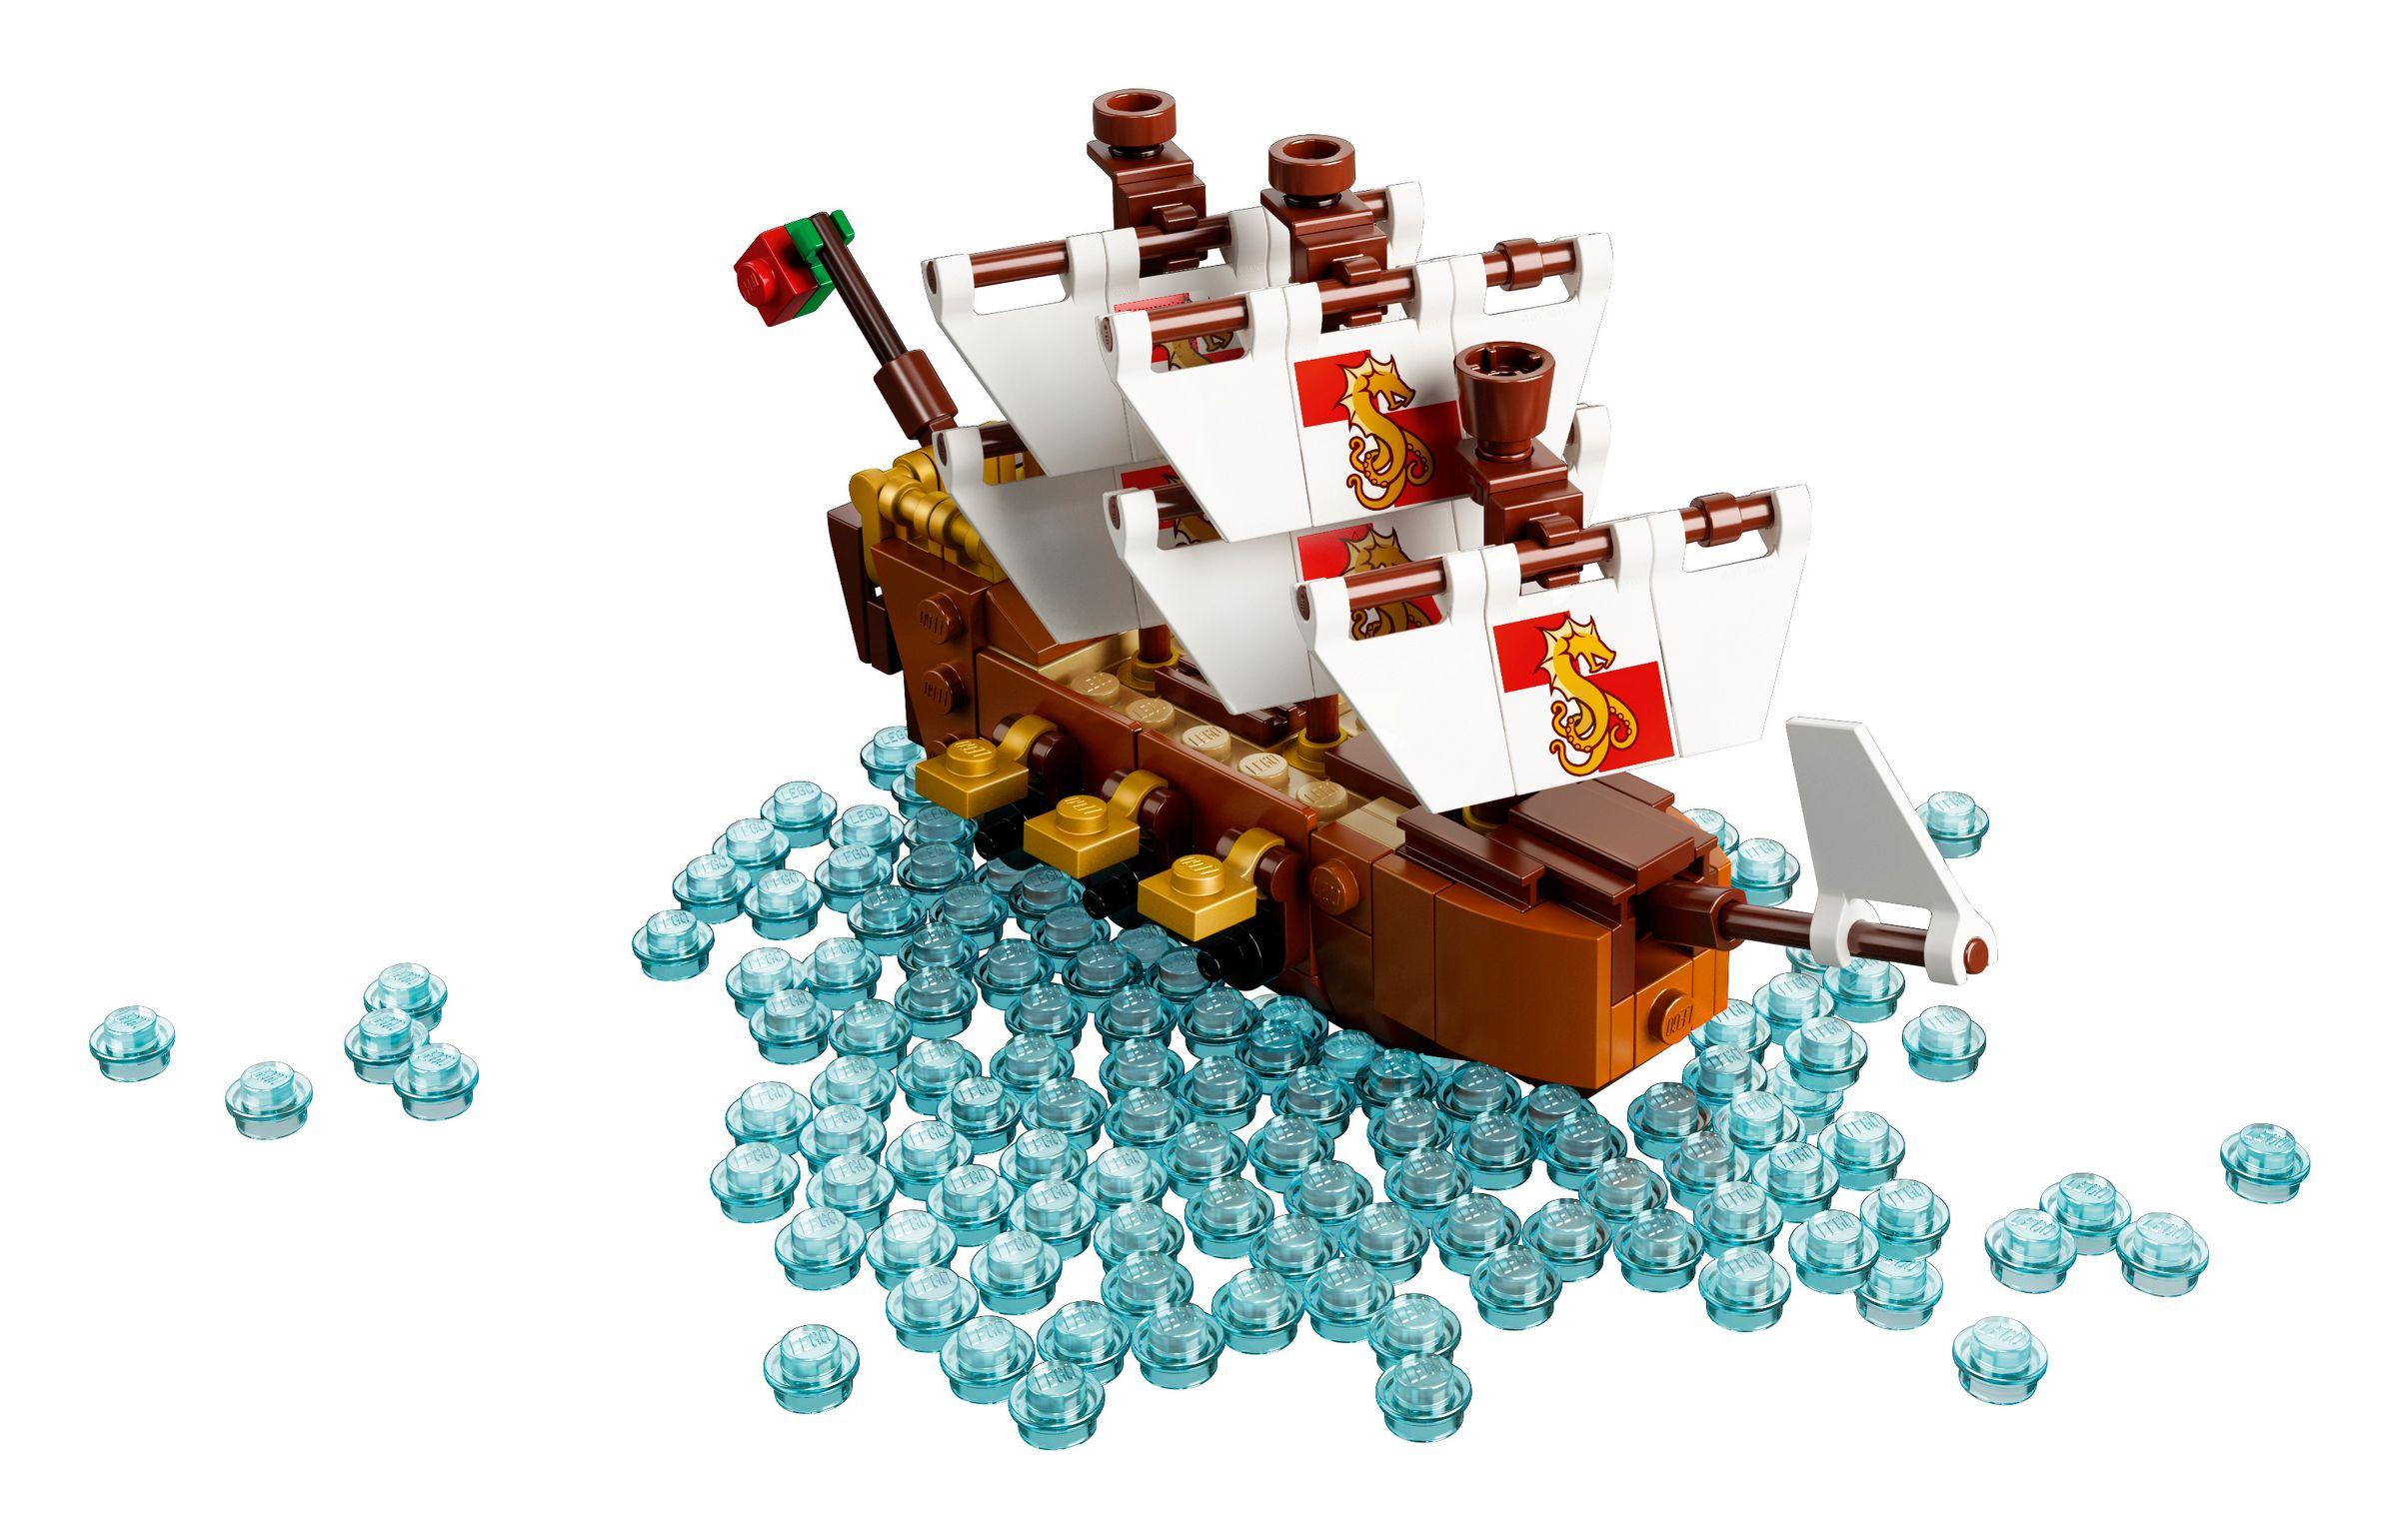 lego 21313 schiff in der flasche ideas 2018 ab 61 69 ship in a bottle brickmerge. Black Bedroom Furniture Sets. Home Design Ideas